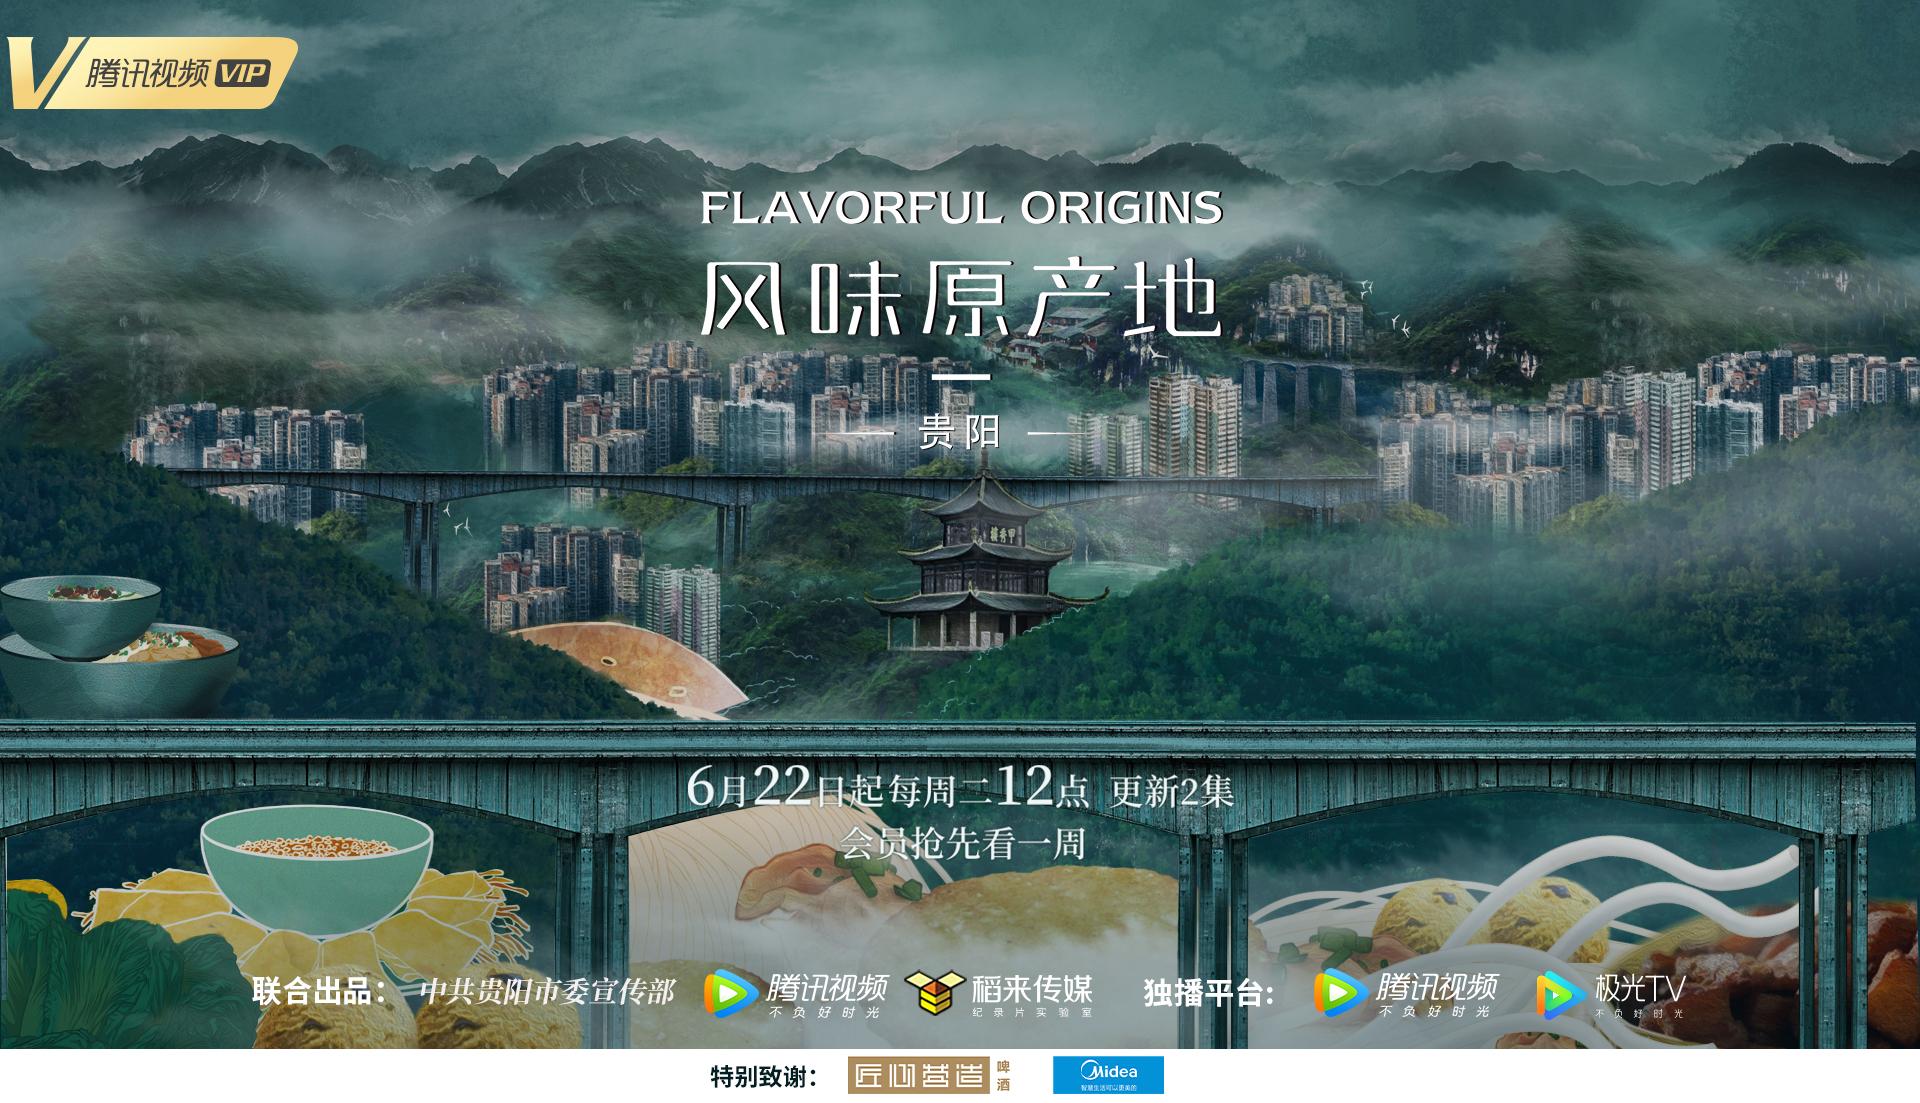 《风味原产地·贵阳》预告片来了,这次用10种方式打开贵阳